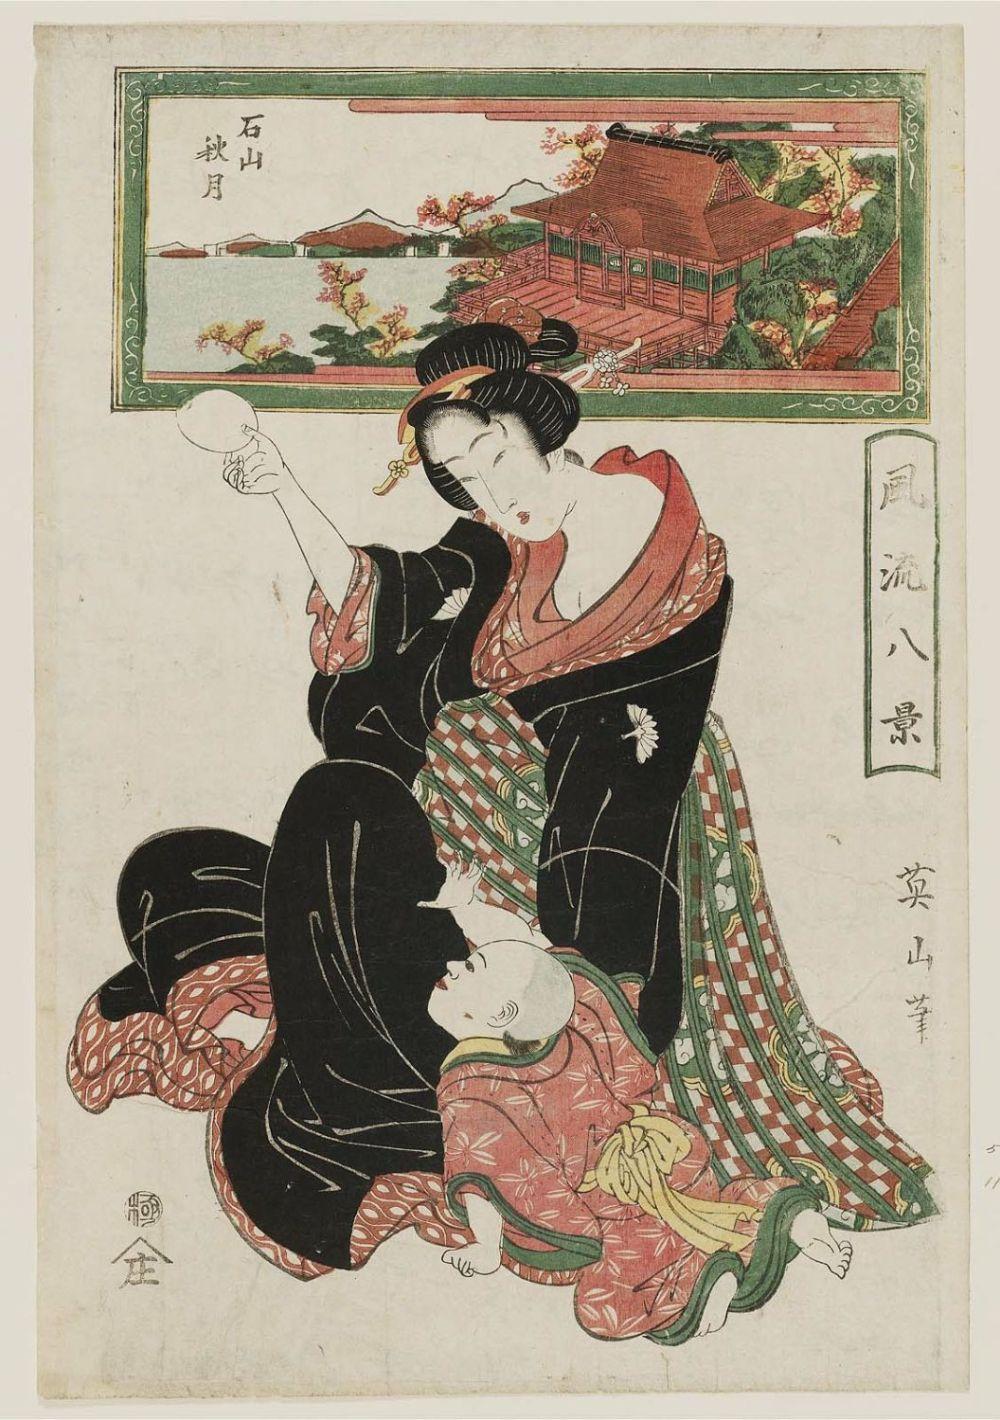 Luna de Otoño en Ishimaya de Kikugawa Eizan (circa 1800)